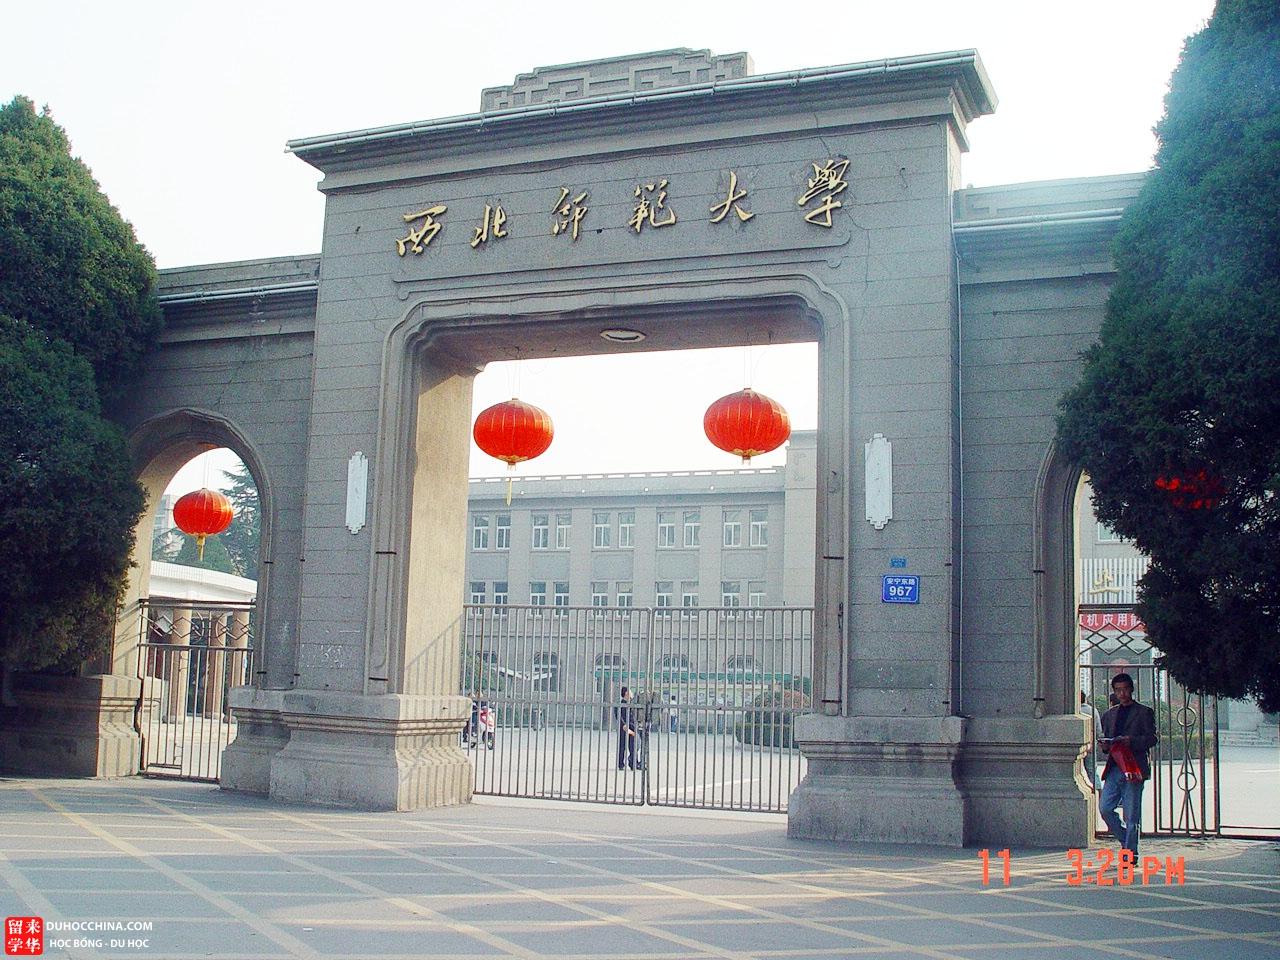 Đại học Sư phạm Tây Bắc - Lan Châu - Trung Quốc